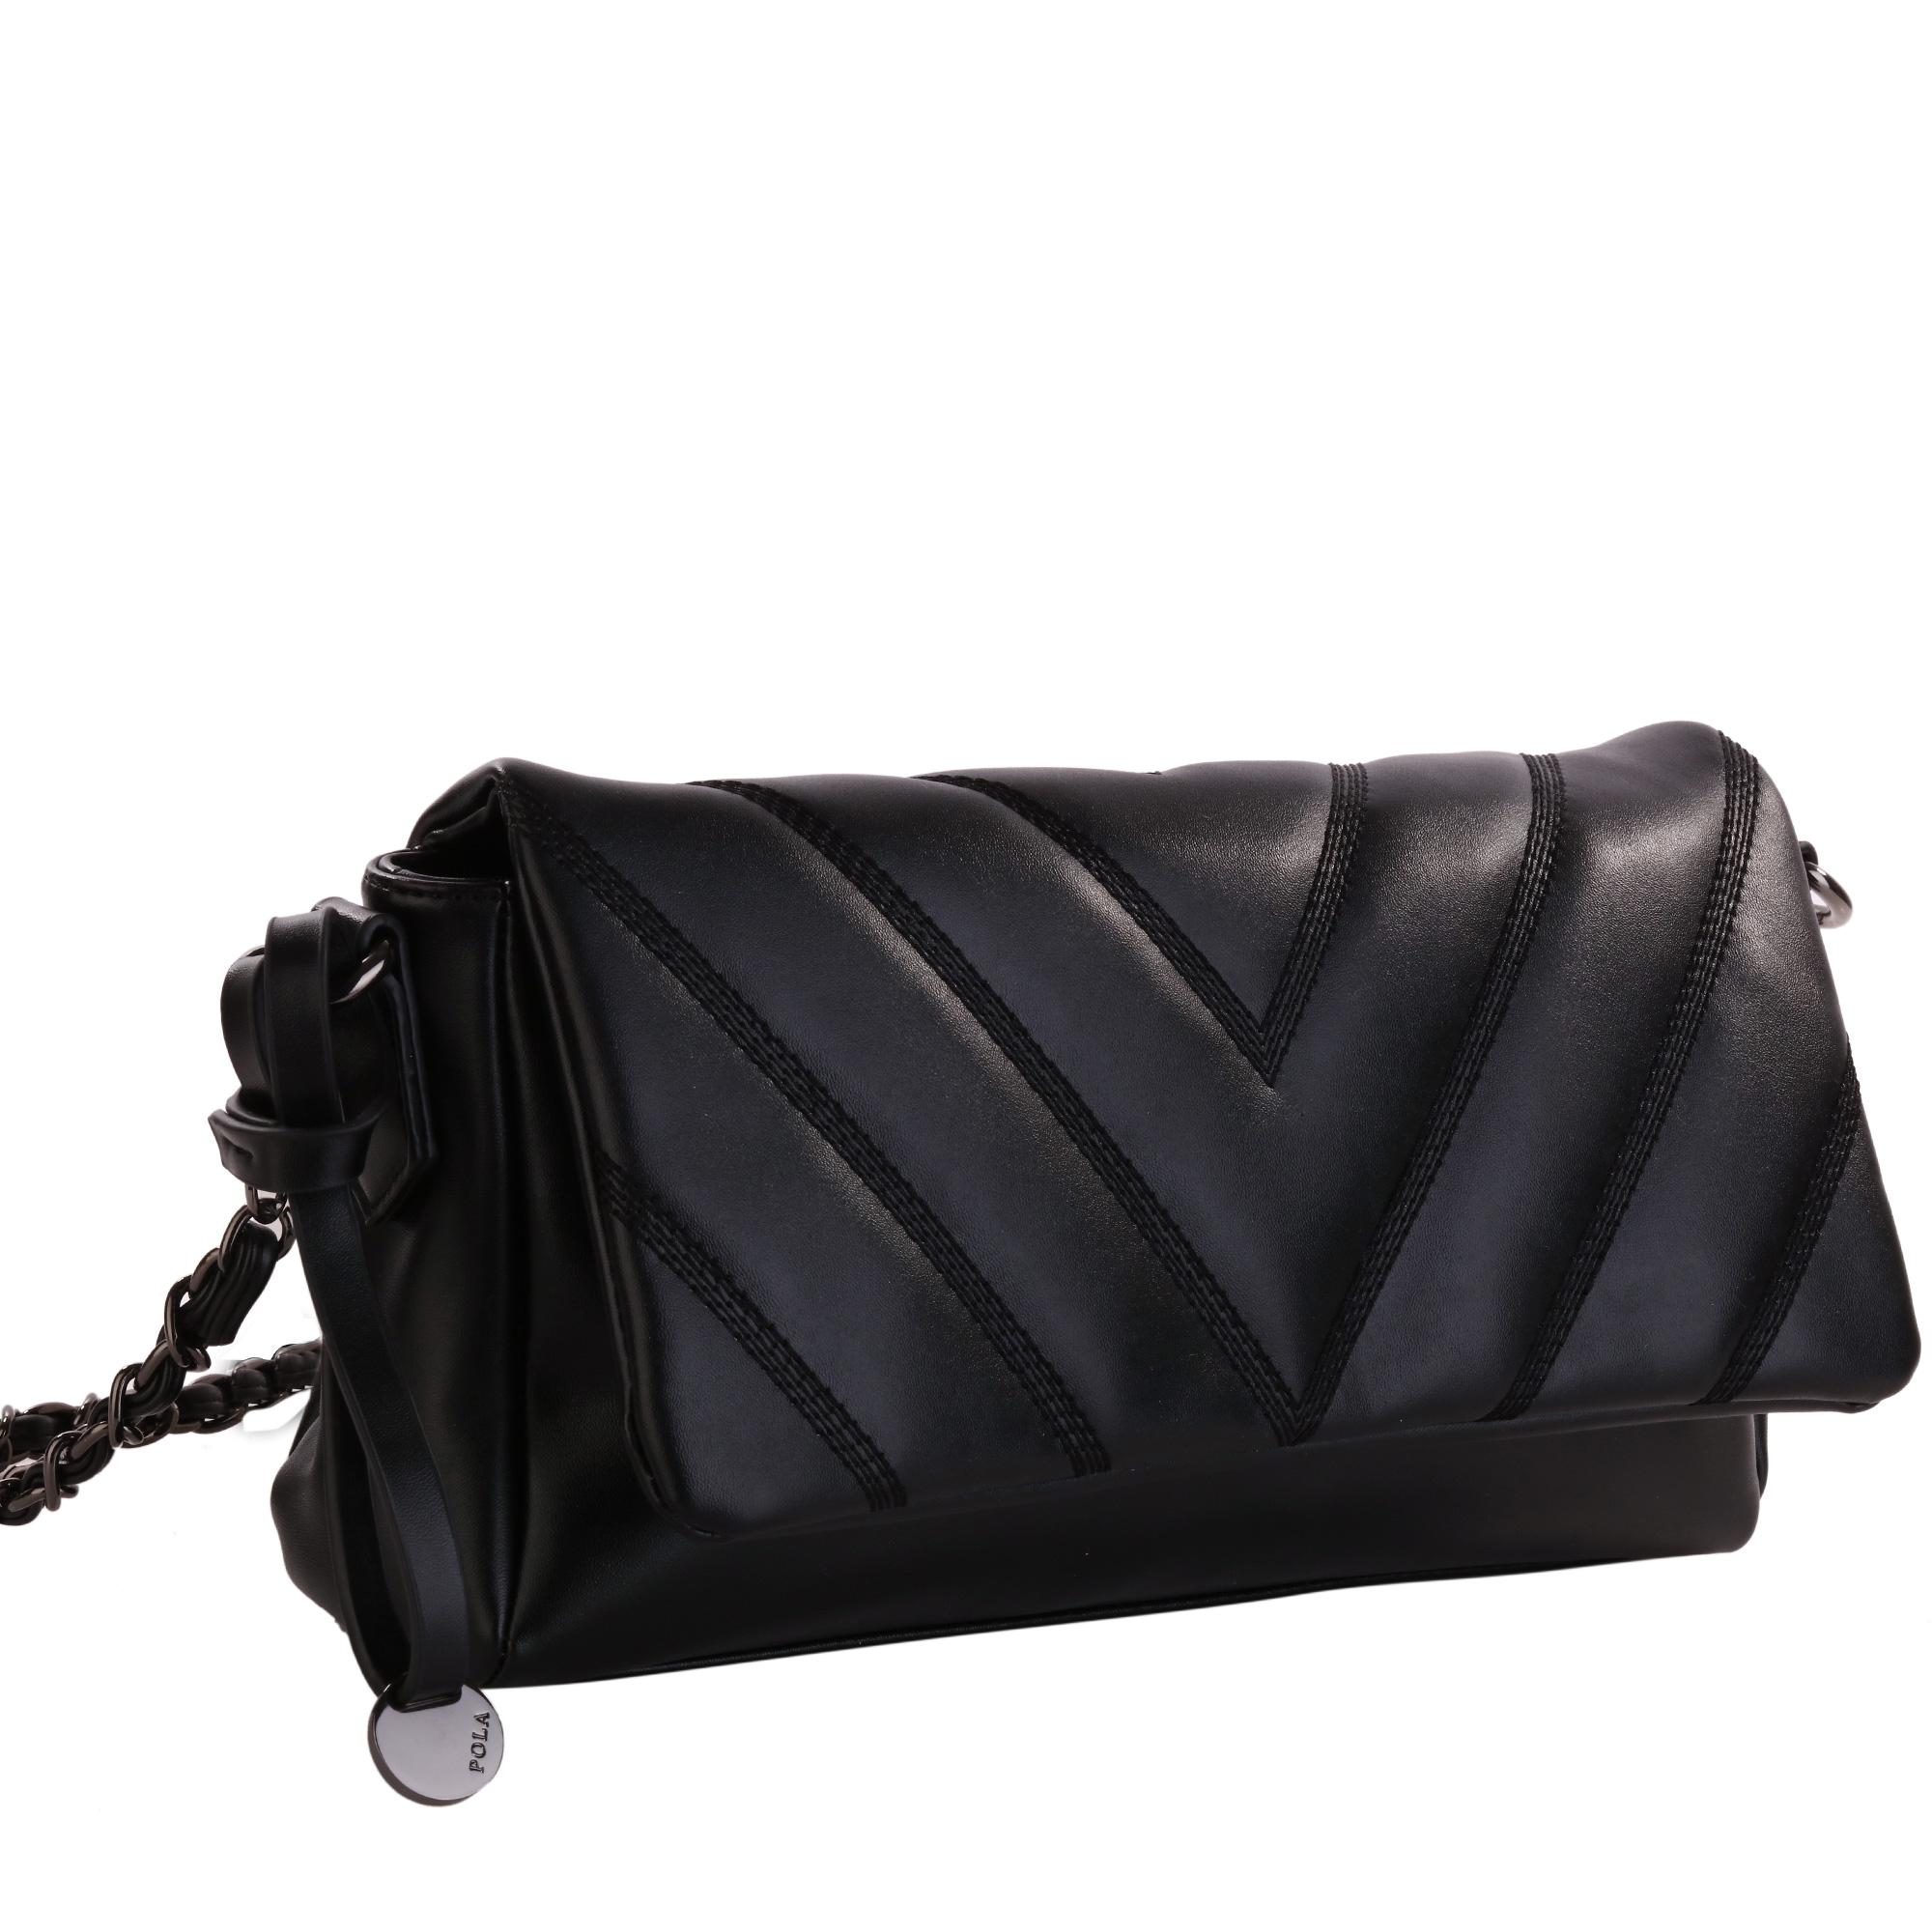 Сумка женская Pola, цвет: черный. 82778277Женская сумка Pola выполнена из экокожи. Основное отделение закрывается клапаном на магнитной кнопке, и застегивается на молнию. Внутри один карман на молнии и два открытых кармана. В комплекте съемный плечевой ремень, нерегулируемый по длине, высотой 59 см. Цвет фурнитуры- черный.